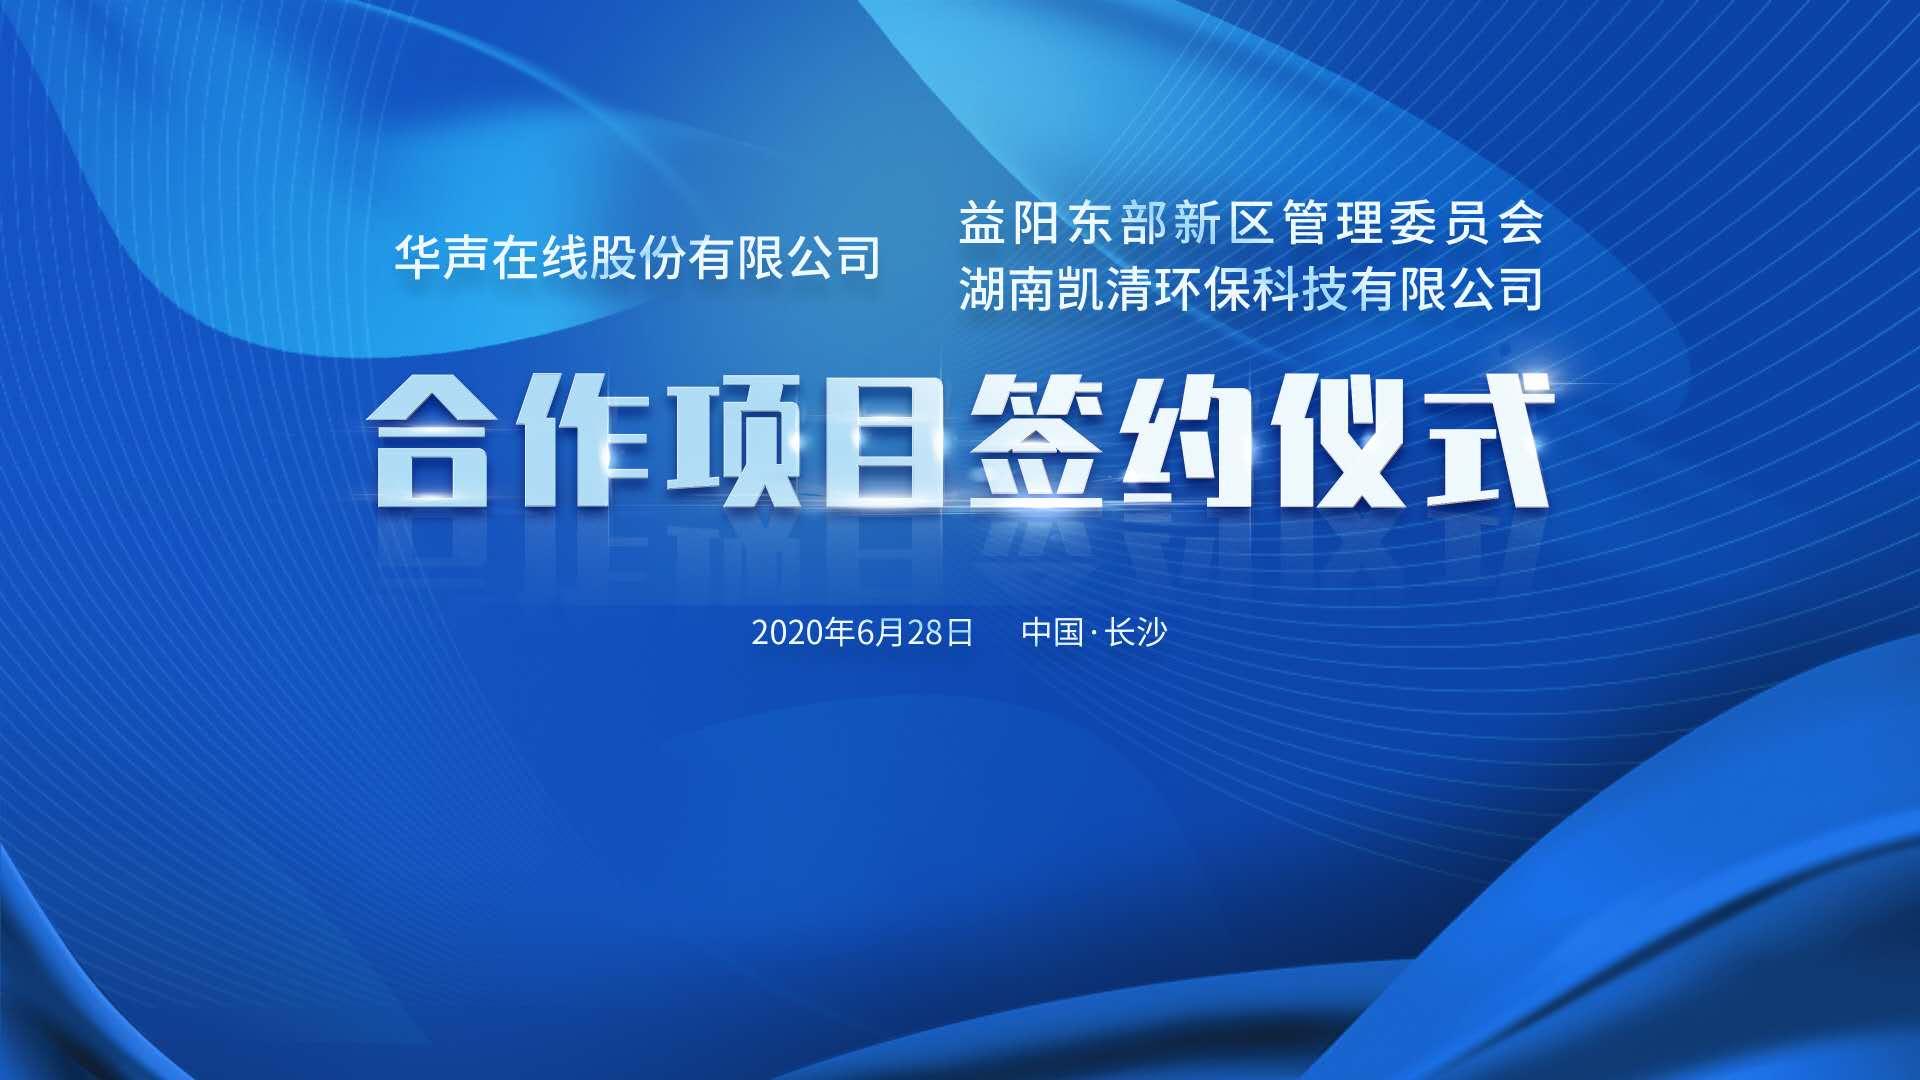 直播回顾>>华声公司分别与益阳东部新区、凯清环保开展战略合作